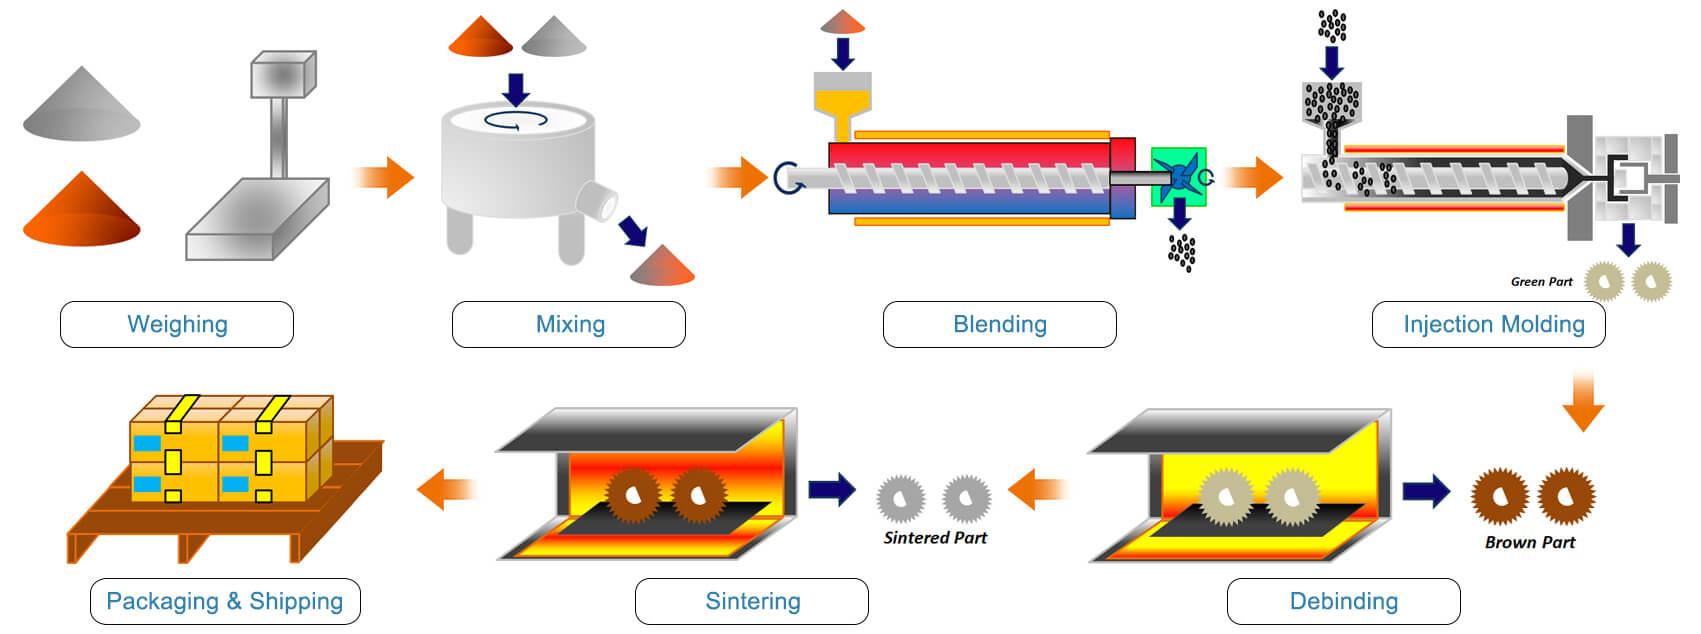 Metallspritzgussverfahren